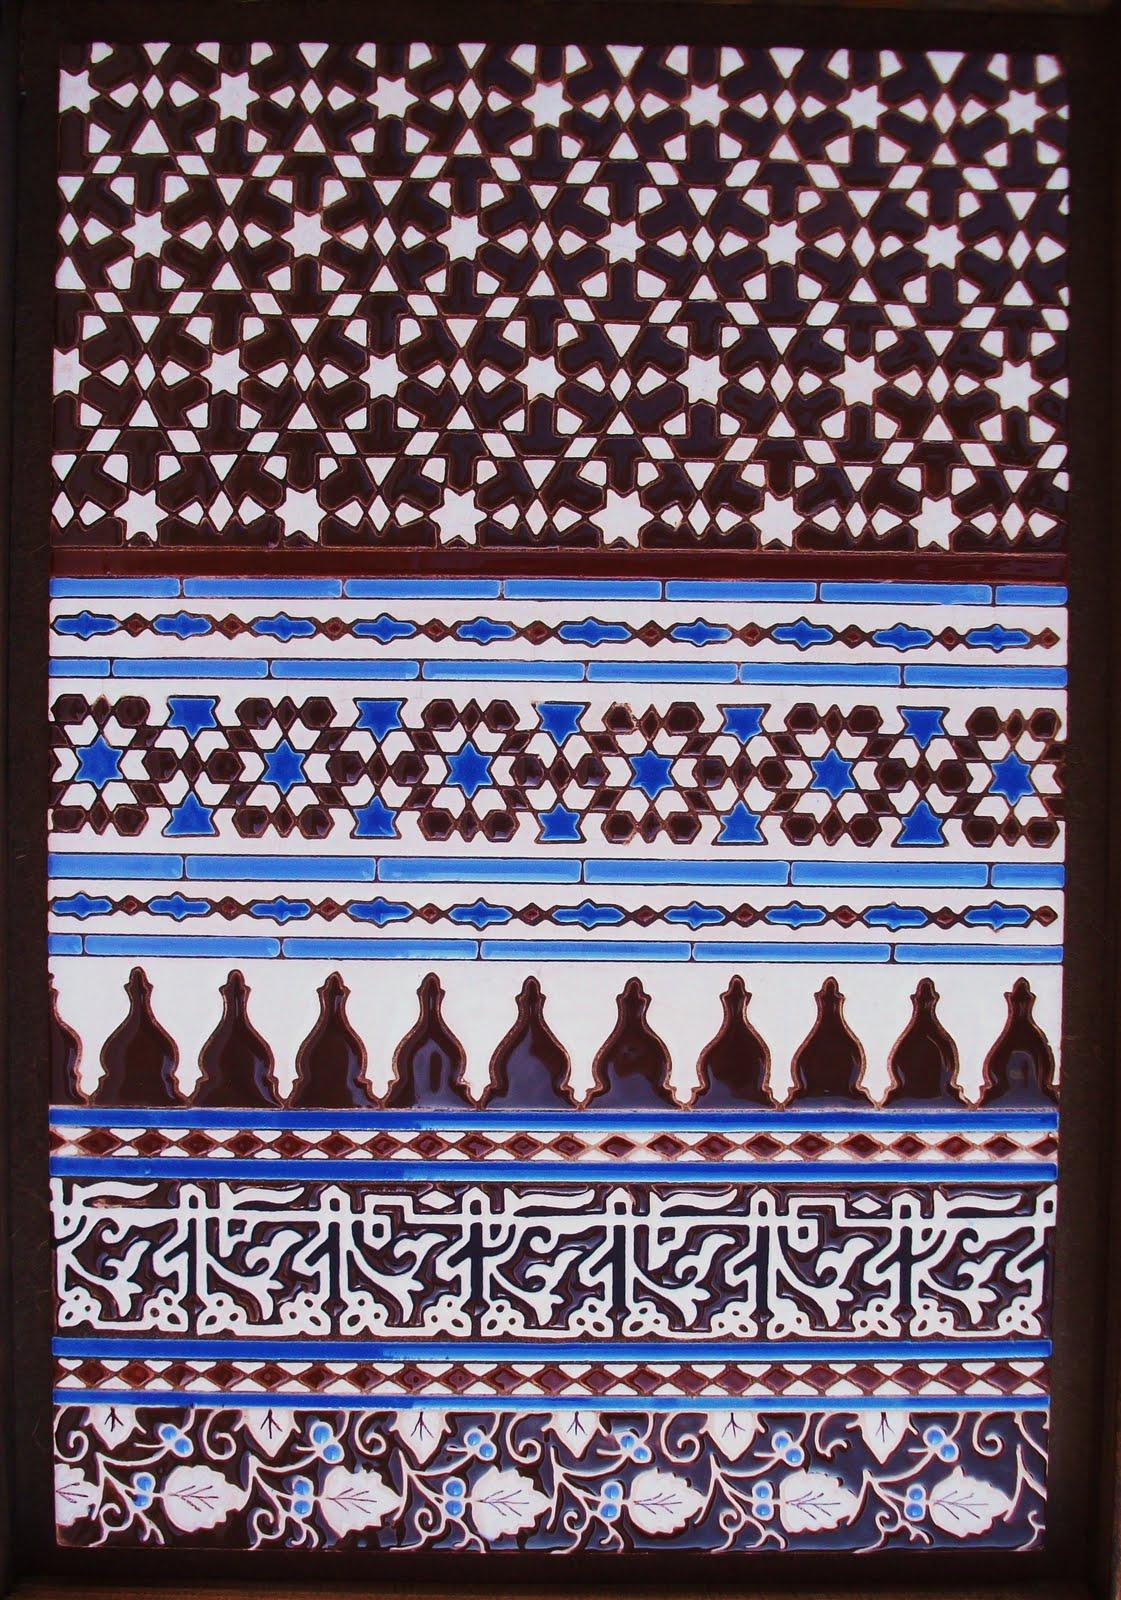 Caf del viajero azulejos decorativos for Azulejos decorativos